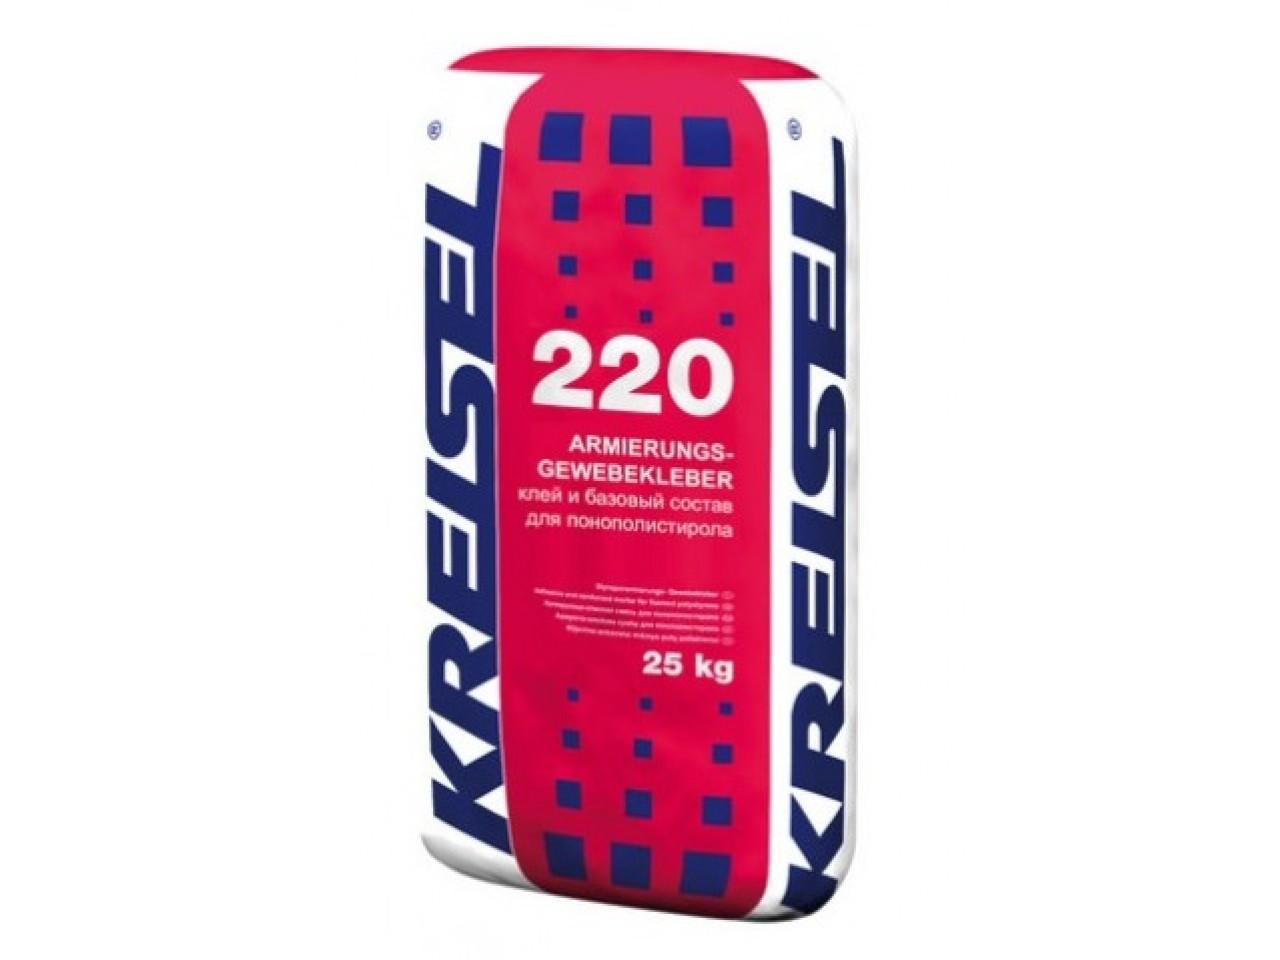 Клеевая смесь для приклеивания ППС Крайзель 220 (Kreisel 220) 25 кг (армирование)